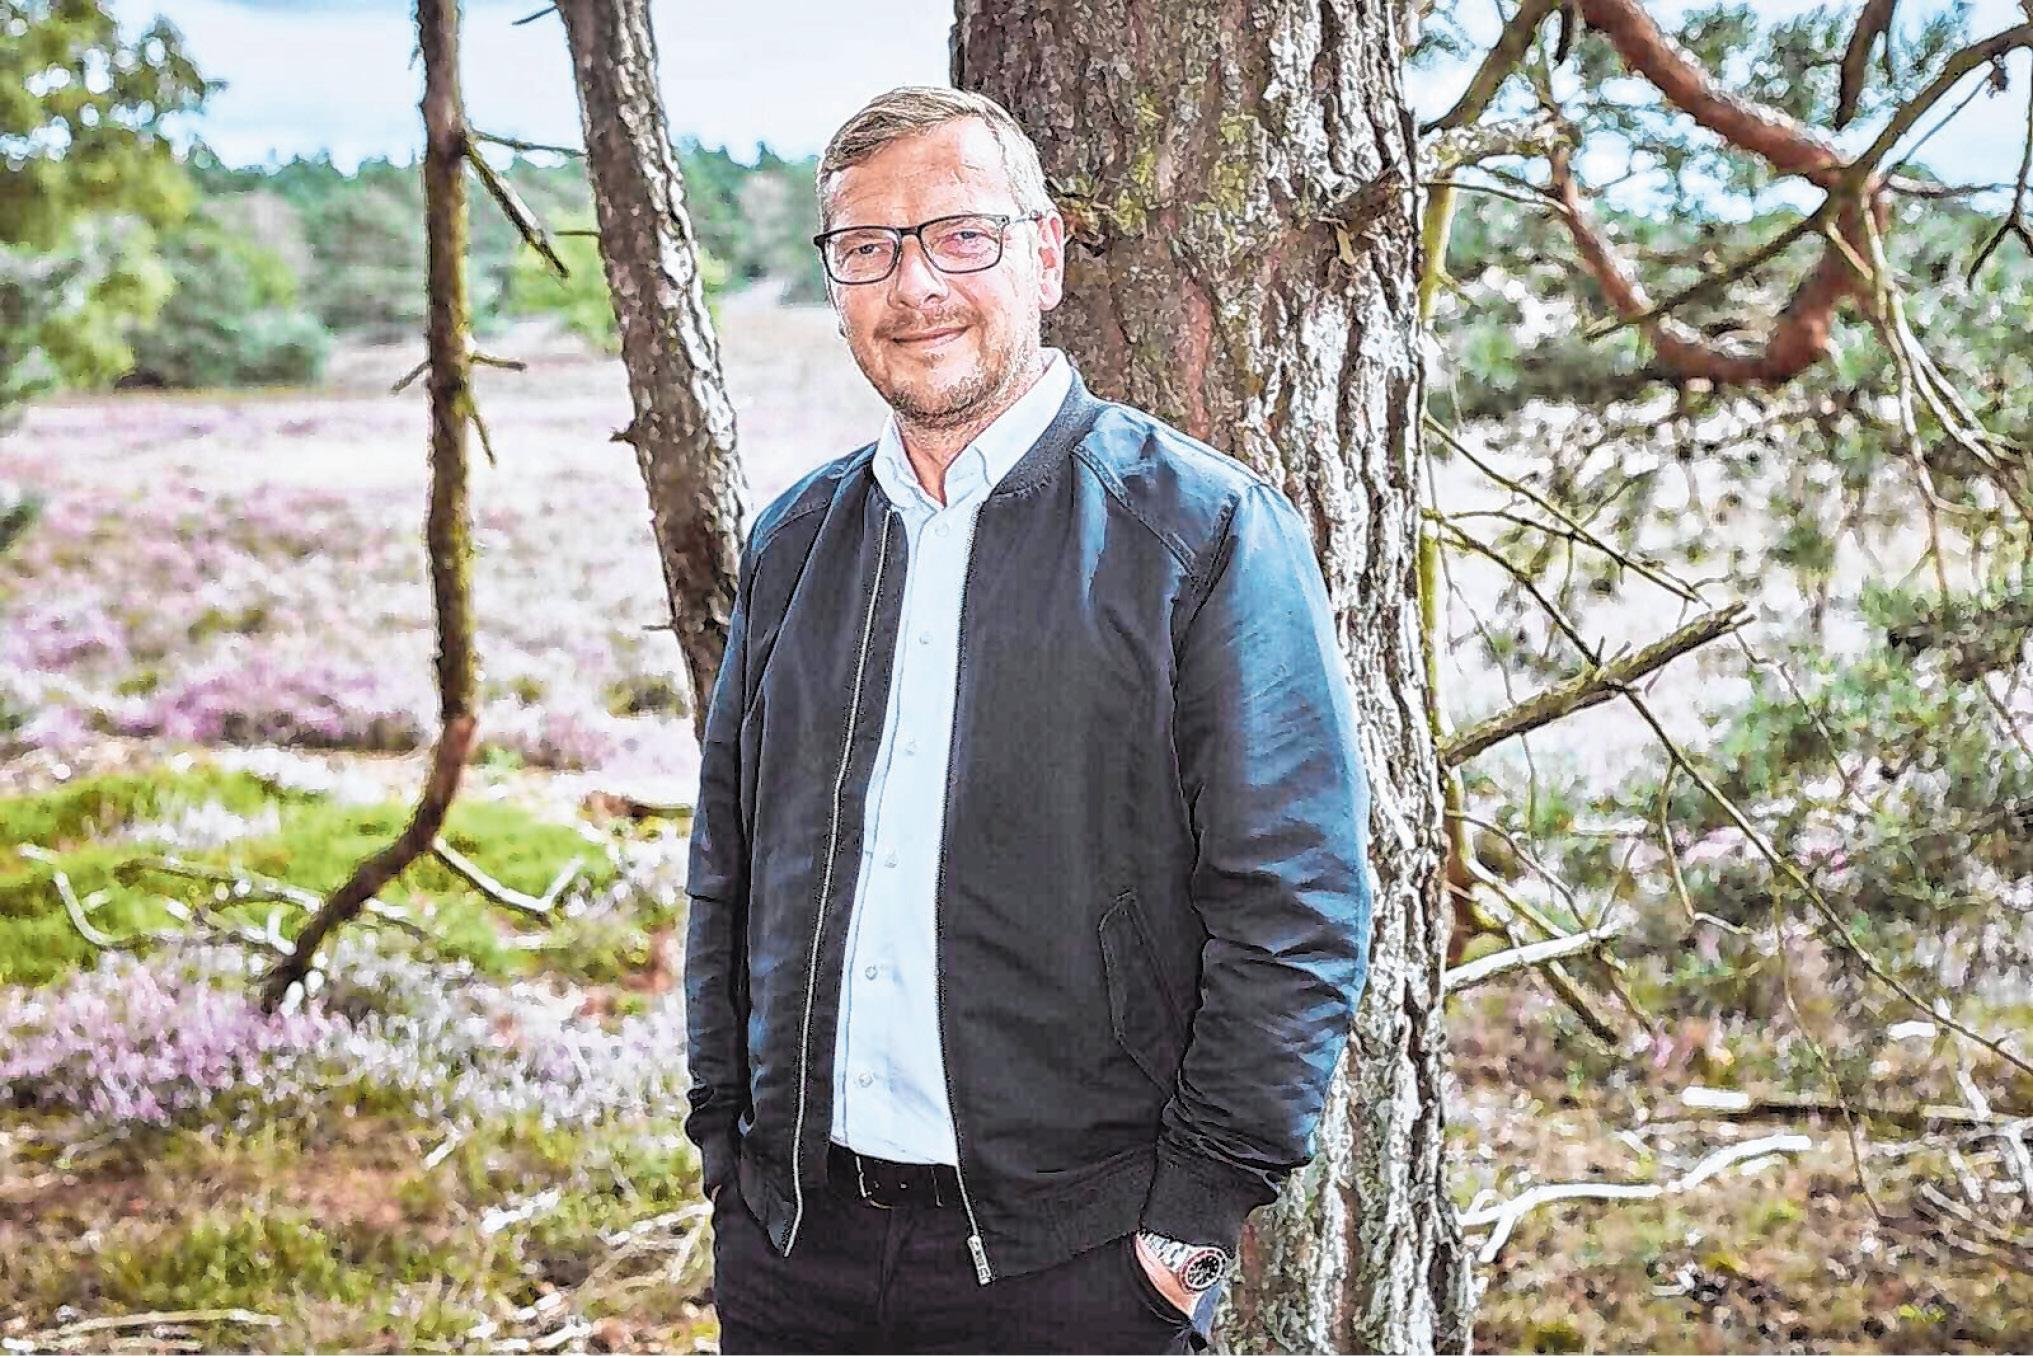 """Mirko Kaminski (""""Achtung""""-Gründer): """"Olaf Scholz und ich haben zur Elbphilharmonie zusammengearbeitet und auch bei anderen Gelegenheiten miteinander zu tun gehabt. Was ich an ihm ungemein schätze: Er ist gerade. Er weiß, was er will. Und er macht. Olaf packt an. Und er ist – wenn auch meist nur im kleineren Kreis – superwitzig. Der Mann kann herrlich selbstironisch sein und über sich lachen. Er ist schlagfertig. Stilsicher. Er kann Diplomatie und würde die Interessen unseres Landes verdammt gut vertreten. Ich vertraue ihm. Und deshalb wähle ich die SPD."""""""